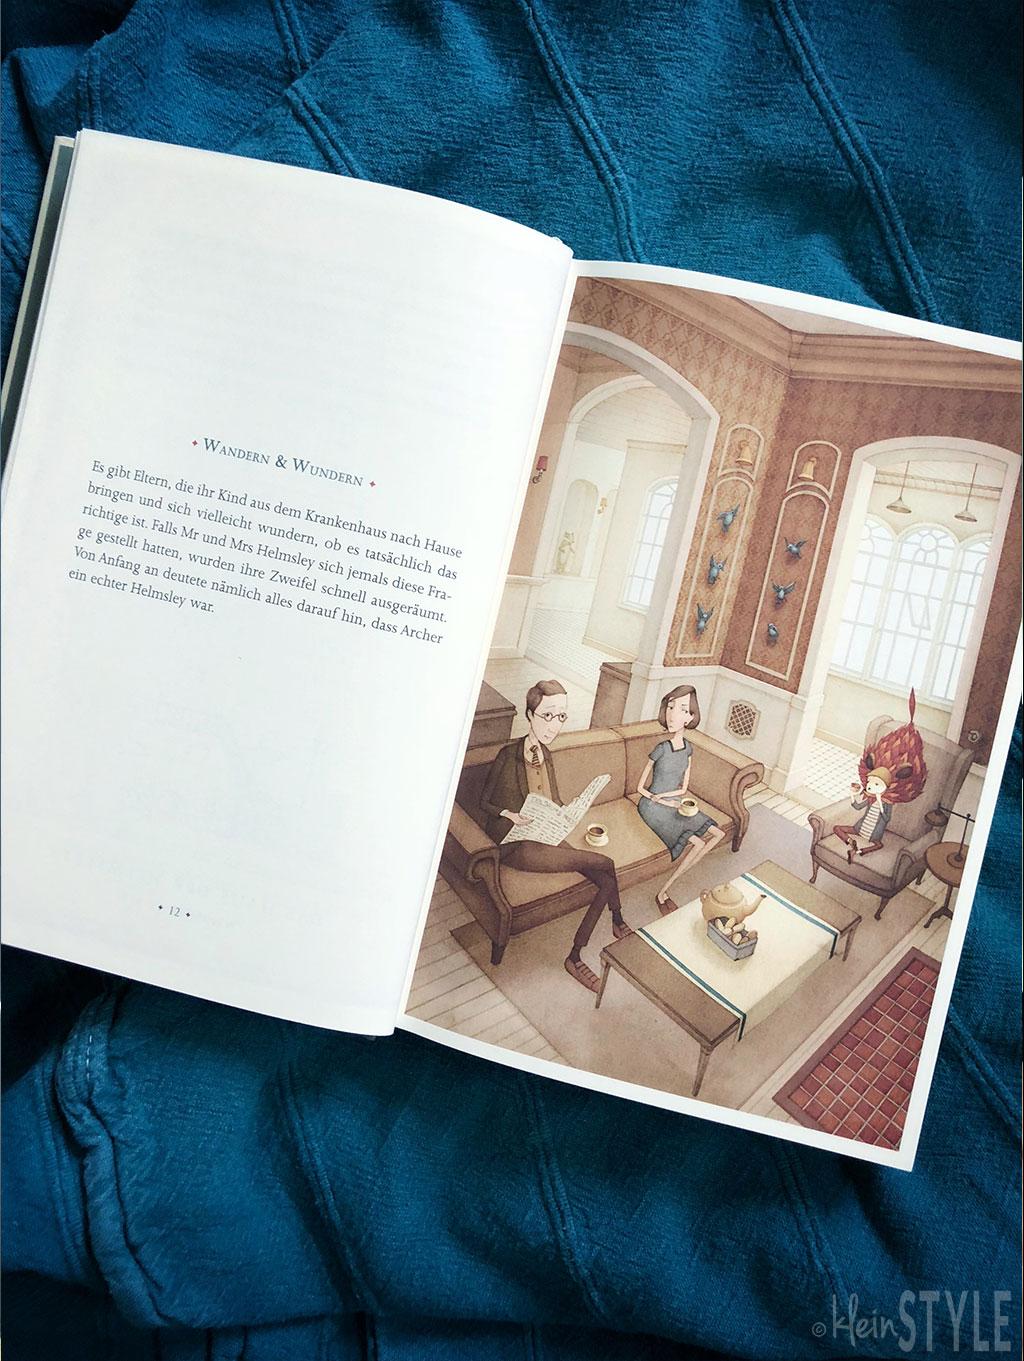 Buchtipp Leseempfehlung Kinderbuch Jugendbuch Abenteuer Roman Illustration Inhalt auf kleinSTYLE.com